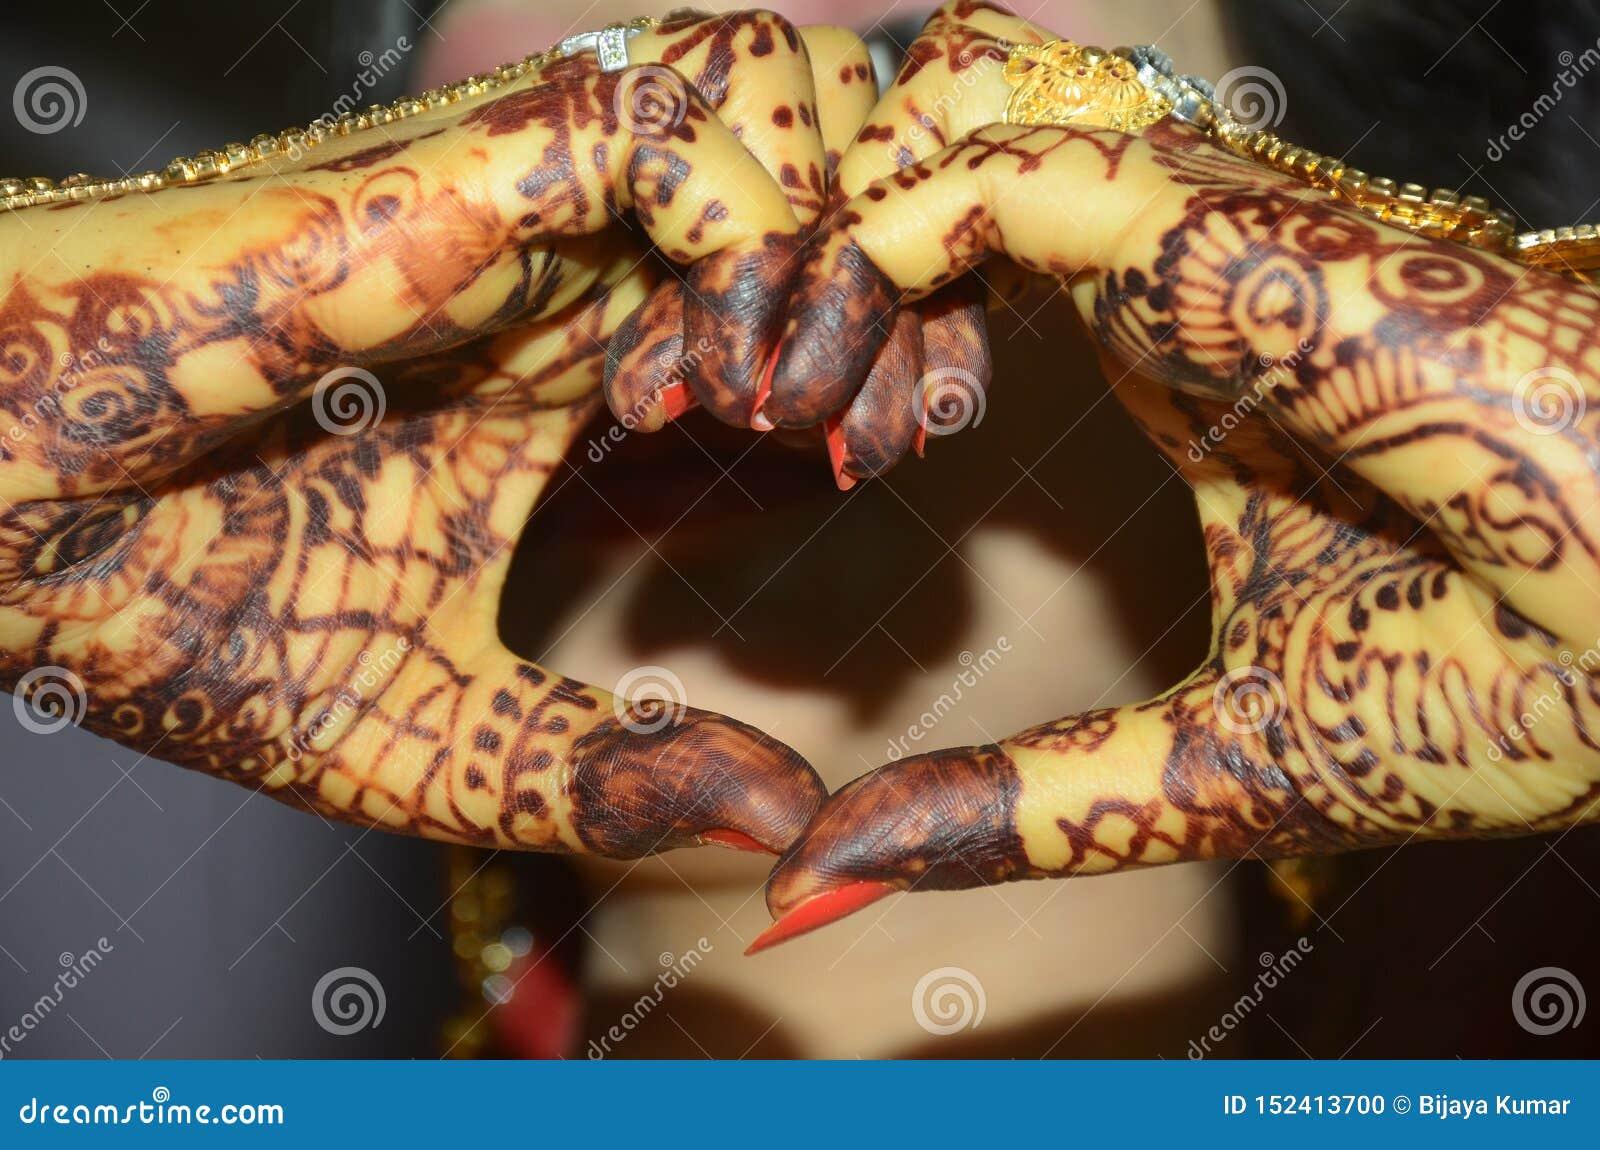 Indian Groom shaping her hand as heart shape beautiful closeup shot